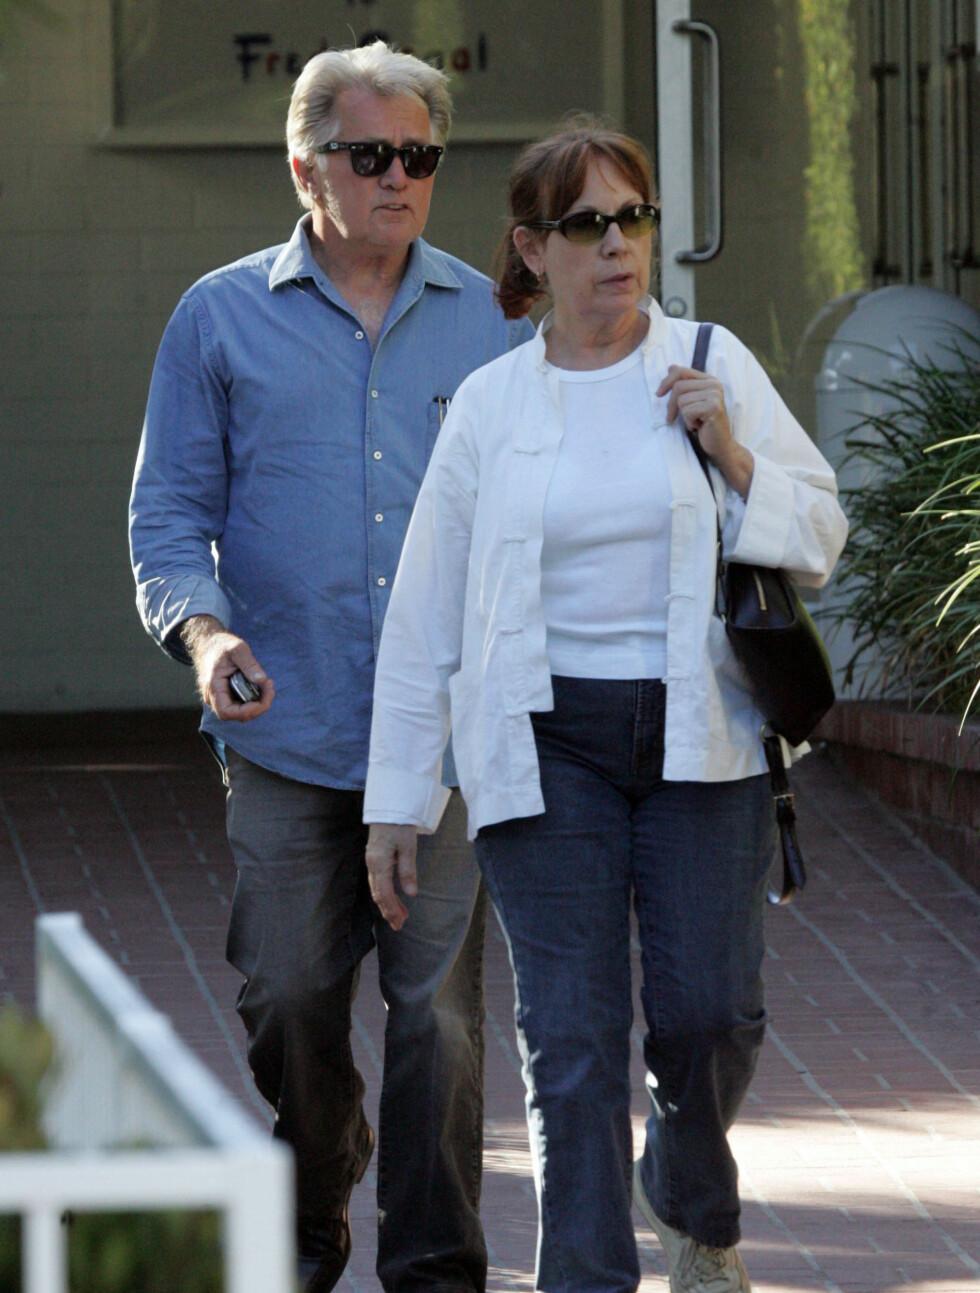 48 ÅR: Martin Sheen (72) er kjent fra blanet annet «Apokalypse nå» og «The Departed». Han er også faren til skandalemakeren Charlie Sheen, og har tre andre barn med Janet Templeton, deriblant Emilio Estevez. Foto: Stella Pictures